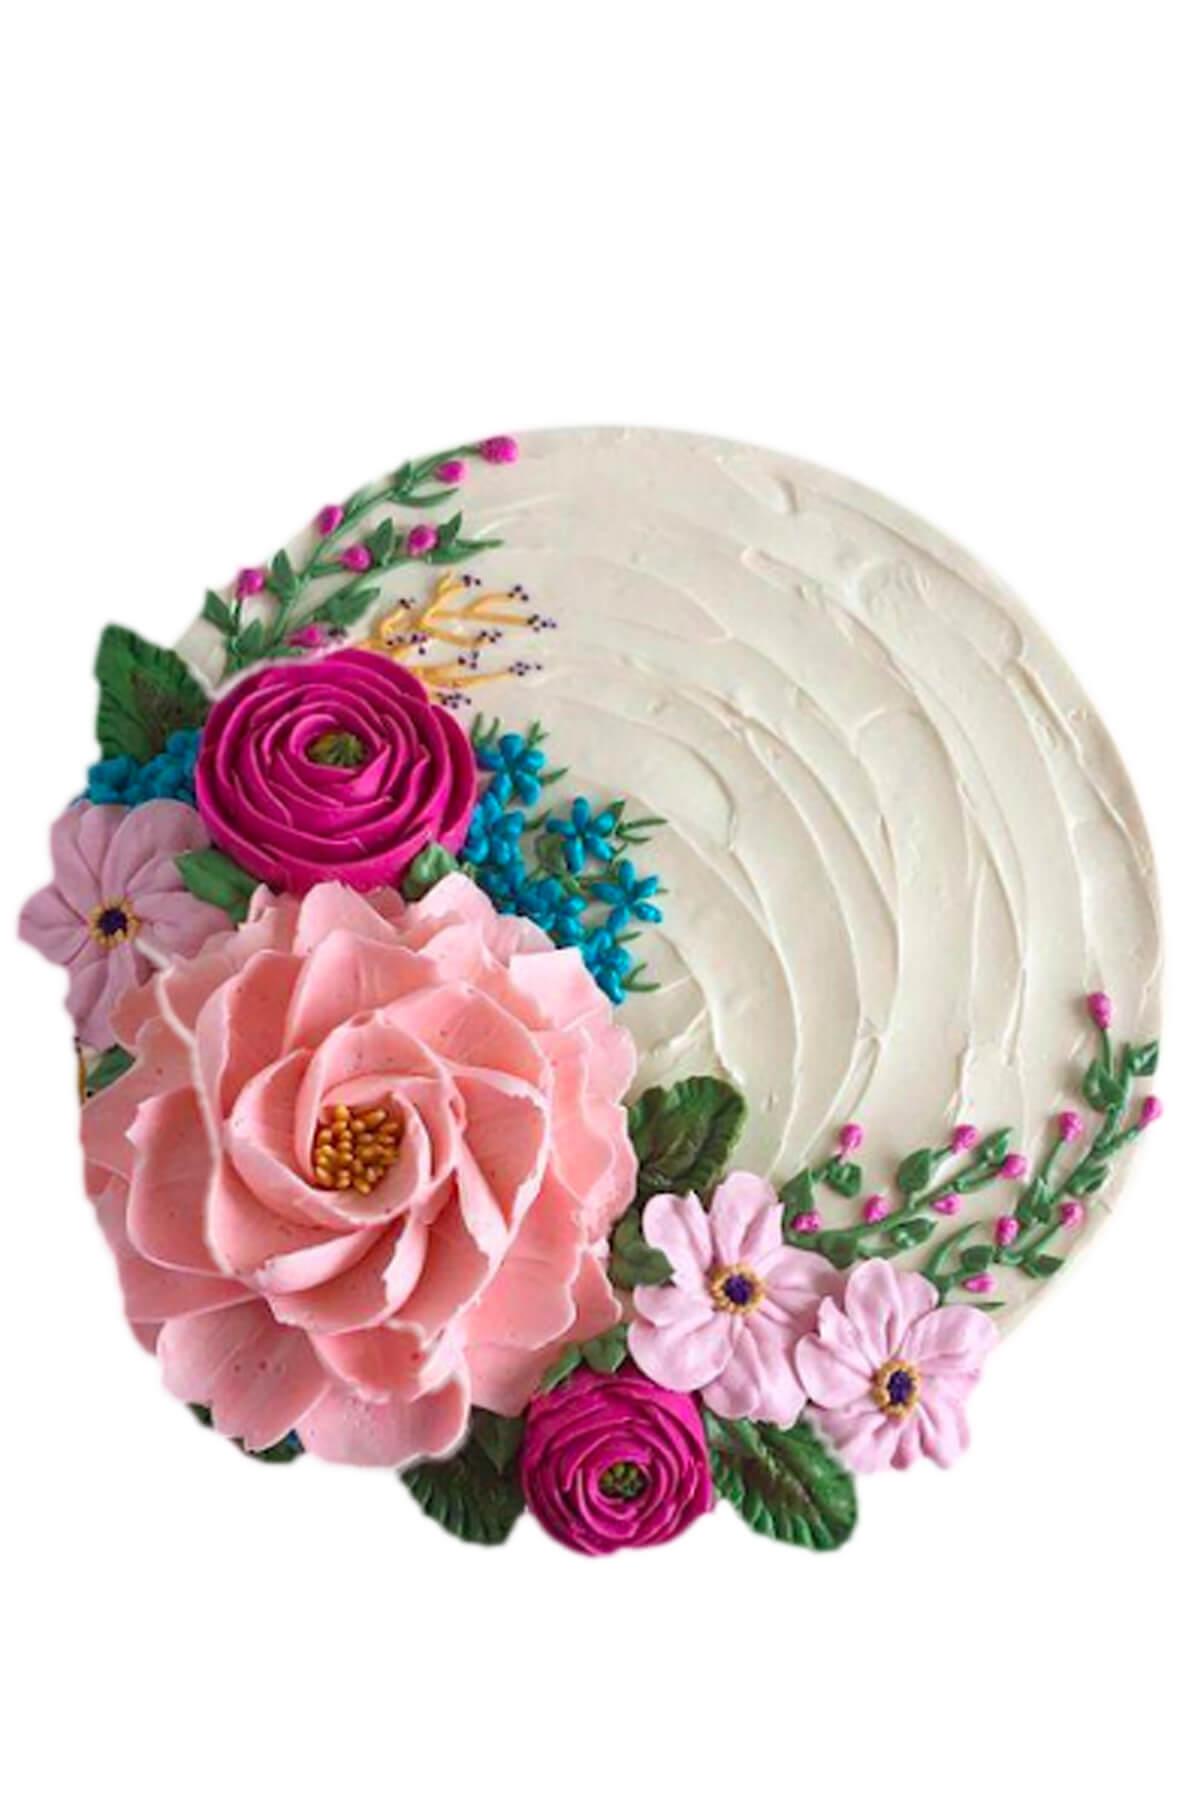 Bánh kem tạo hình vườn hoa mùa xuân đầy màu sắc sống động và rực rỡ